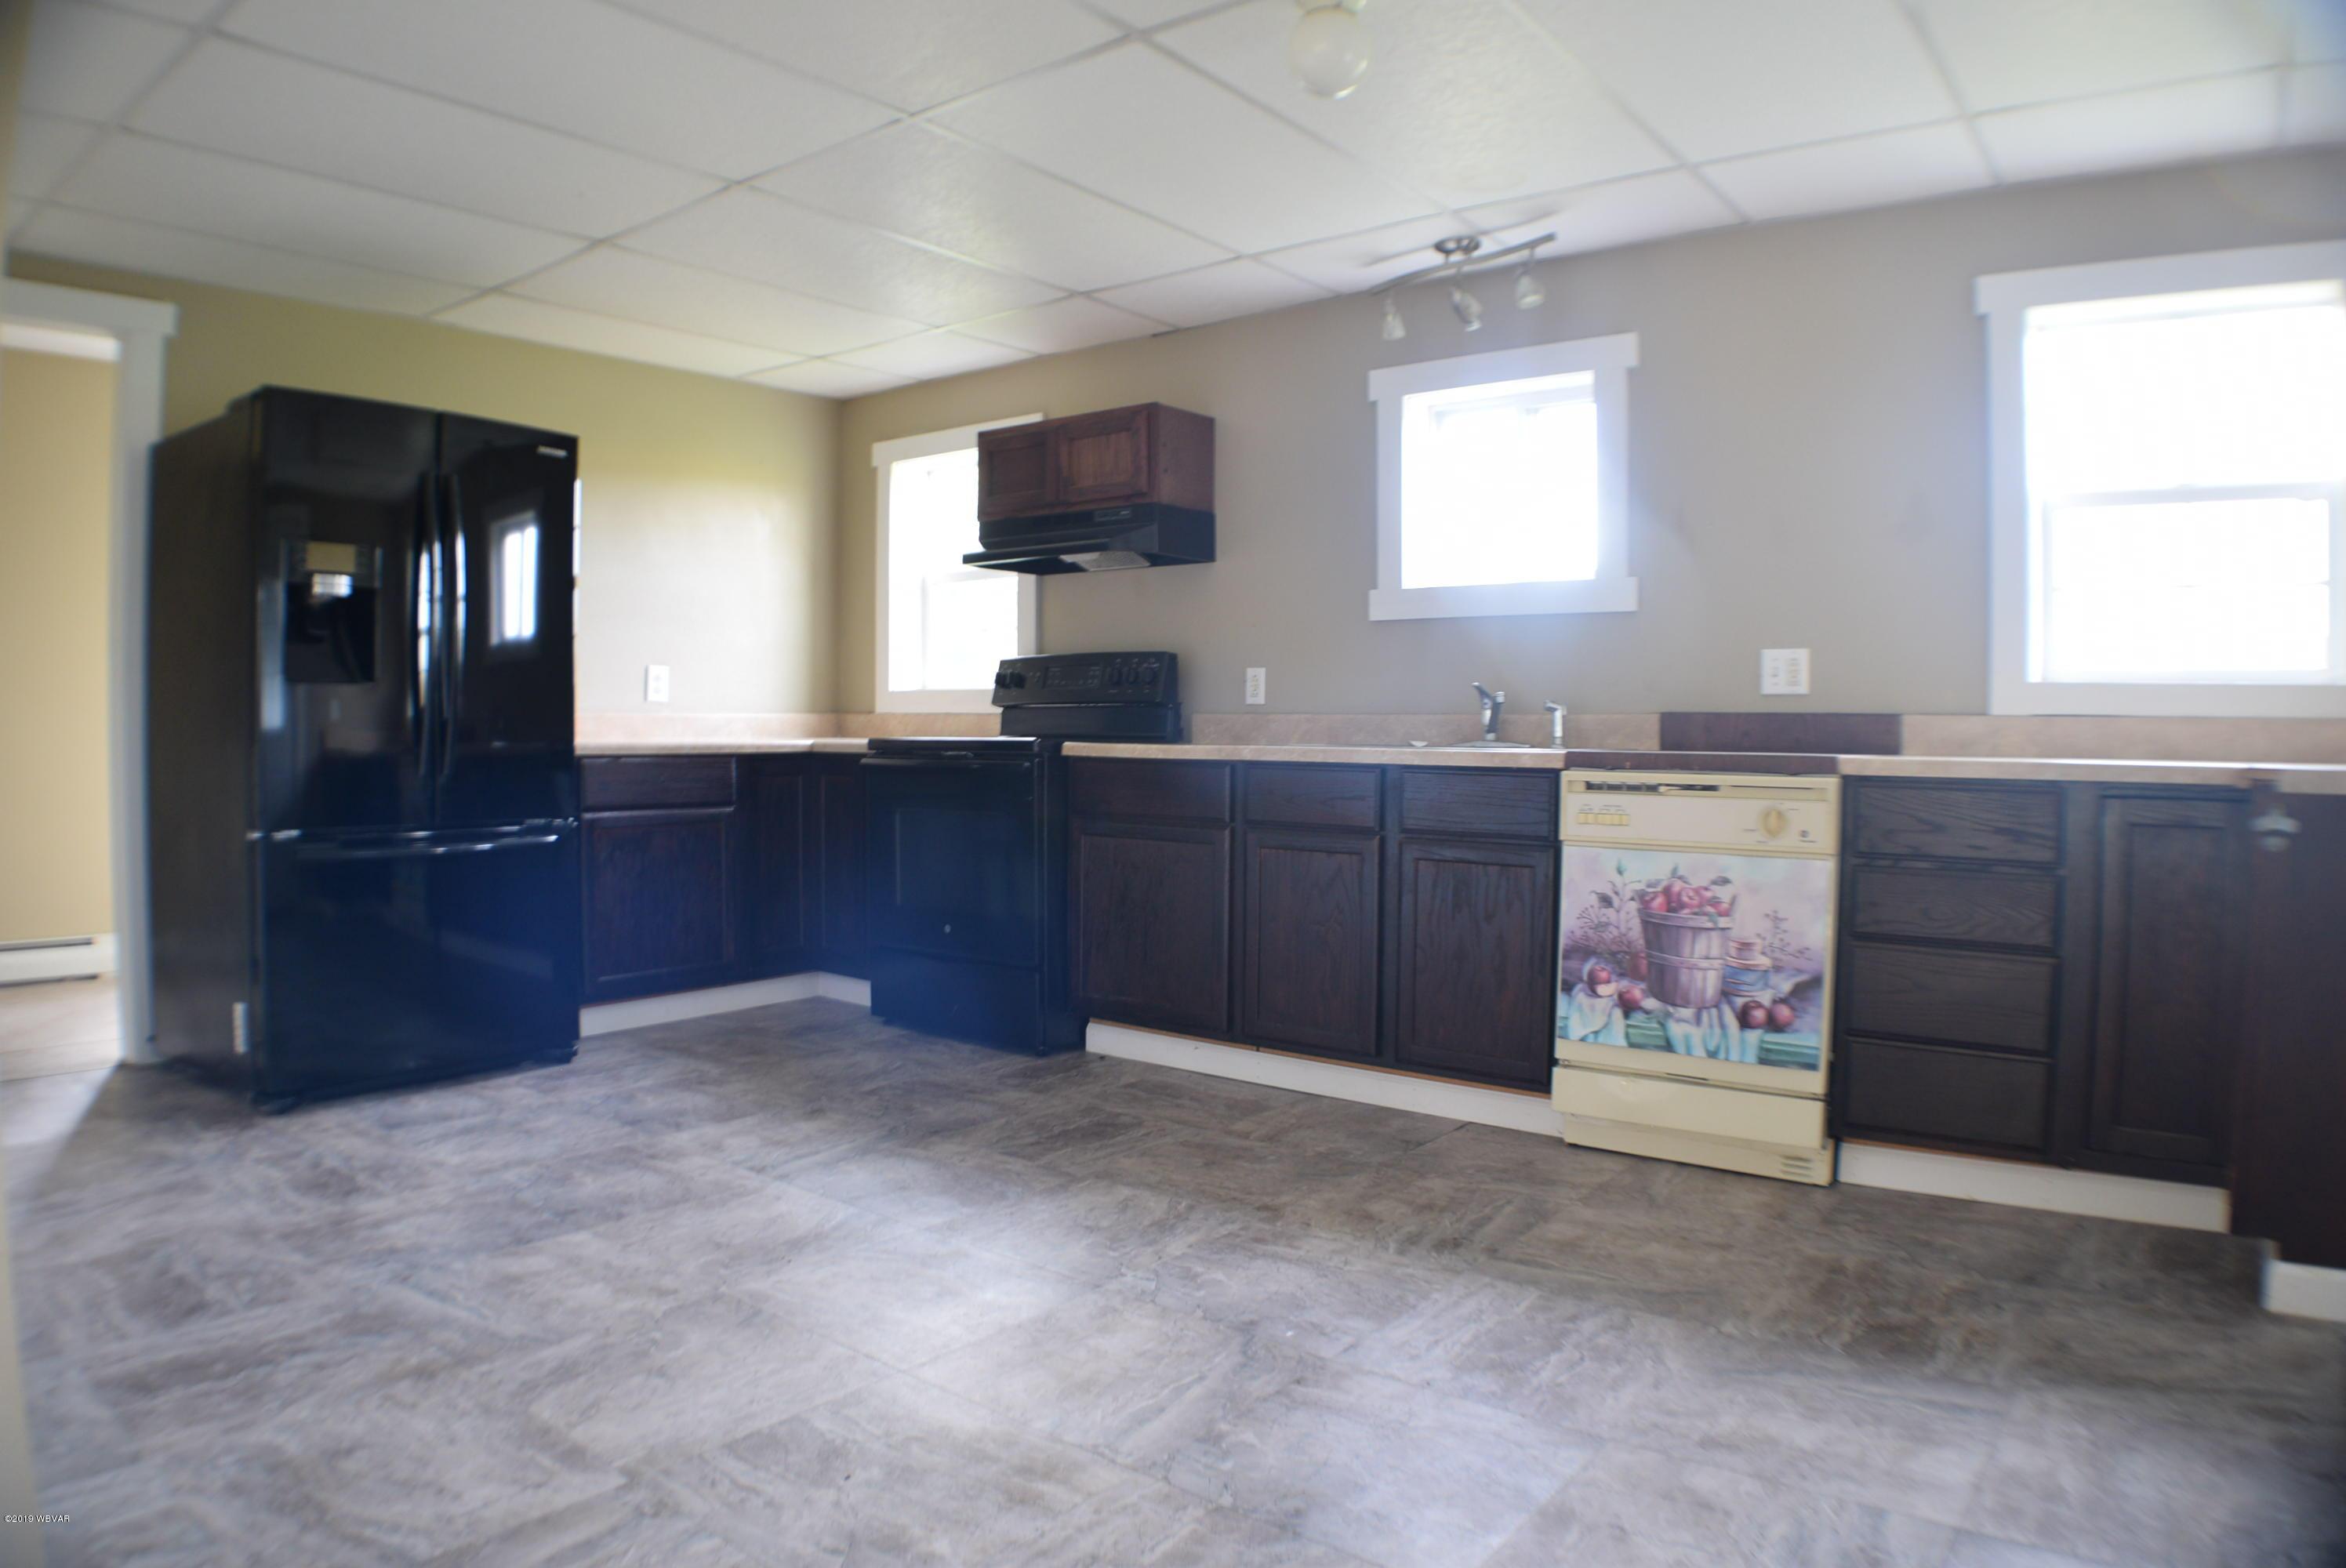 20 KLONDIKE ROAD,Danville,PA 17821,4 Bedrooms Bedrooms,1.5 BathroomsBathrooms,Residential,KLONDIKE,WB-88767